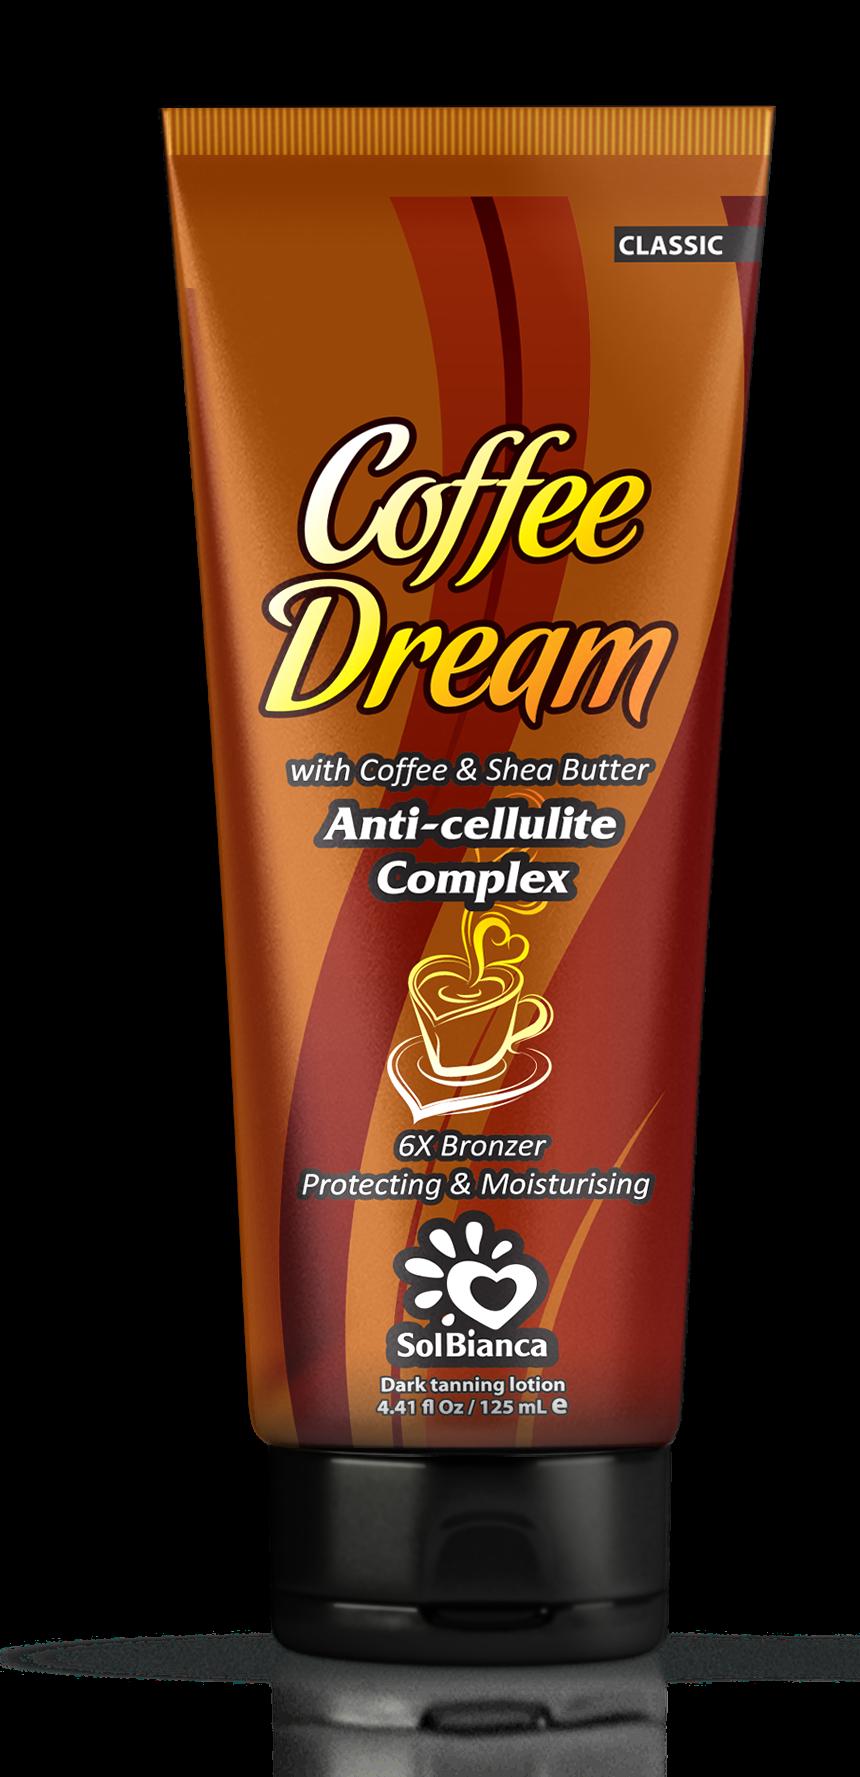 SOLBIANCA Крем для загара в солярии  Coffee Dream  с маслом кофе, маслом Ши и бронзаторами 125 млКремы<br>Роскошный крем с маслом кофе и маслом ши, предназначен для получения стойкого и насыщенного оттенка загара, а также обладает превосходным разглаживающим эффектом и антицеллюлитным воздействием. Темный загар и упругая кожа! Активные ингредиенты: маслом кофе и маслом ши. Состав: (INCI) Aqua, Cetearyl Alcohol, Glycerin, Propylene Glycol, Paraffinum Liquidum, Isopropyl Palmitate, Hydrogenated Palm Oil, Dihydroxyacetone, Dimethicone, Stearyl Alcohol, Ceteareth   6, PEG   100 Stearate, PEG   7 Glyceryl Cocoate, Cyclomethicone, Aloe Barbadensis Extract, Mannan, Pinus Sibirica Seed Oil, Phenoxyethanol, Methylparaben (and) Ethylparaben (and) Propylparaben, Glyceryl Stearate, Ceteareth   20, Ceteareth   12, Cetyl Palmitate,Coffea Arabica Seed Oil, Butyrospermum Parkii Oil, Panthenol, Persea Gratissima Oil, PEG   40 Hydrogenated Castor Oil, Сoffea Arabica, Hippophae Rhamnoides Extract, Lactic Acid, Methylchloroisothiazolinone, Methylisothiazolinone, Parfume, Caramel, CI 20285, CI 15980, Benzyl Benzoate, Coumarin. Способ применения: аккуратными массажными движениями равномерно распределить содержимое по сухой чистой коже. Аккуратно втереть.<br><br>Назначение: Целлюлит